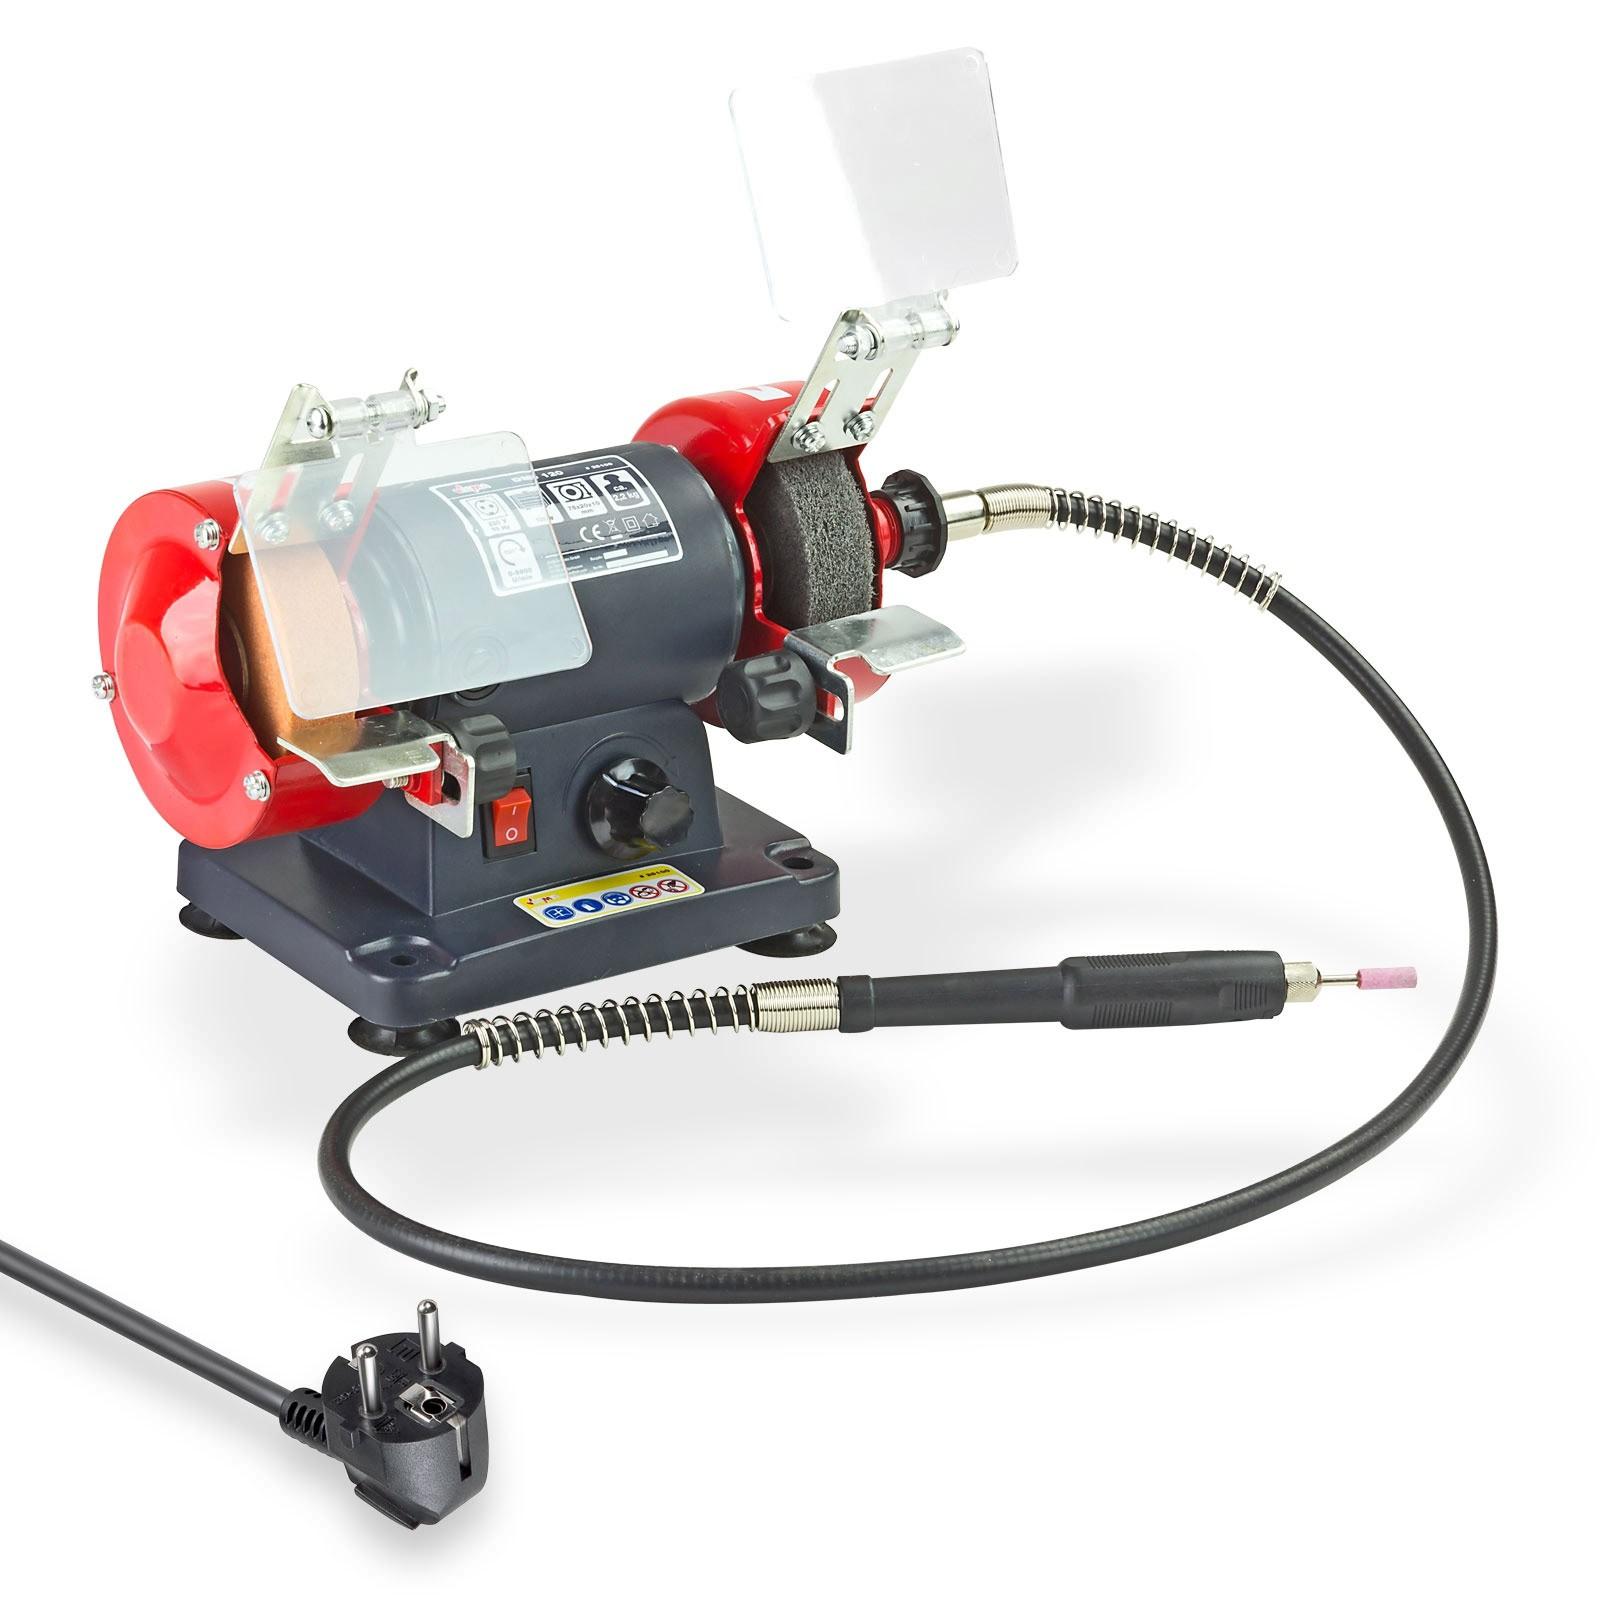 Dema Mini Doppelschleifer mit flexibler Welle DMD120 Schleifmaschine Schleifer 25100